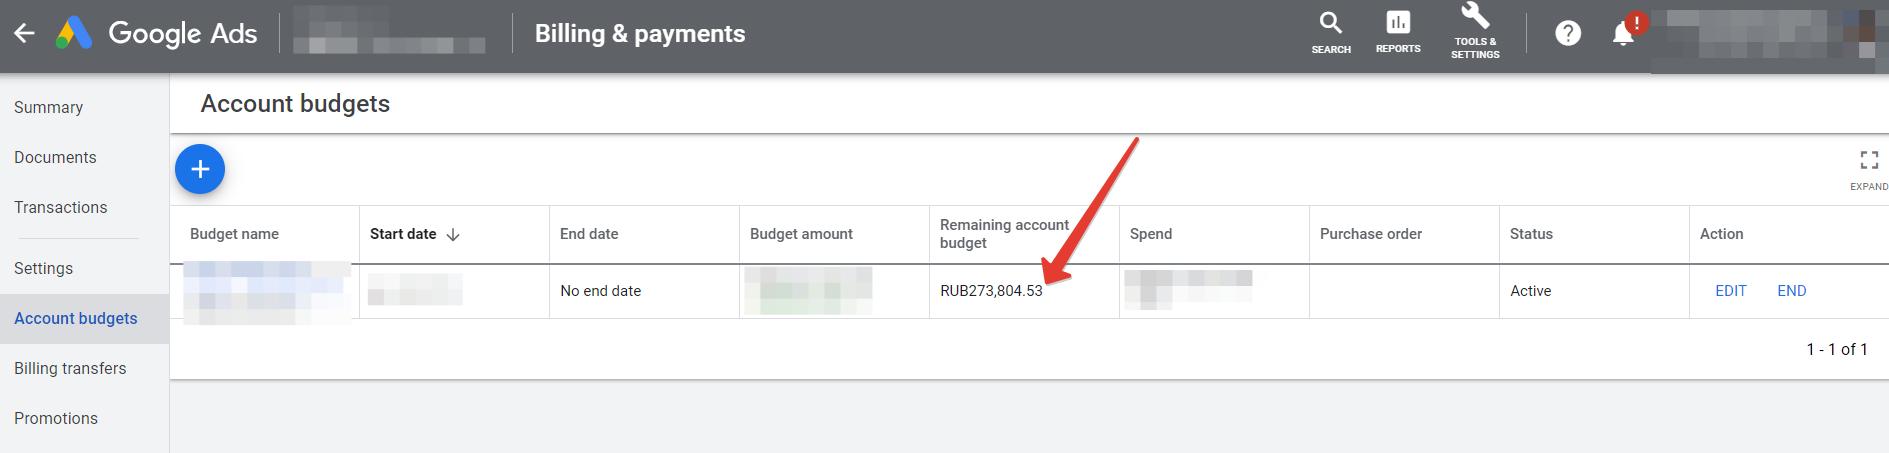 Как смотреть остатки бюджета в Google Ads на клиентском рекламном аккаунте